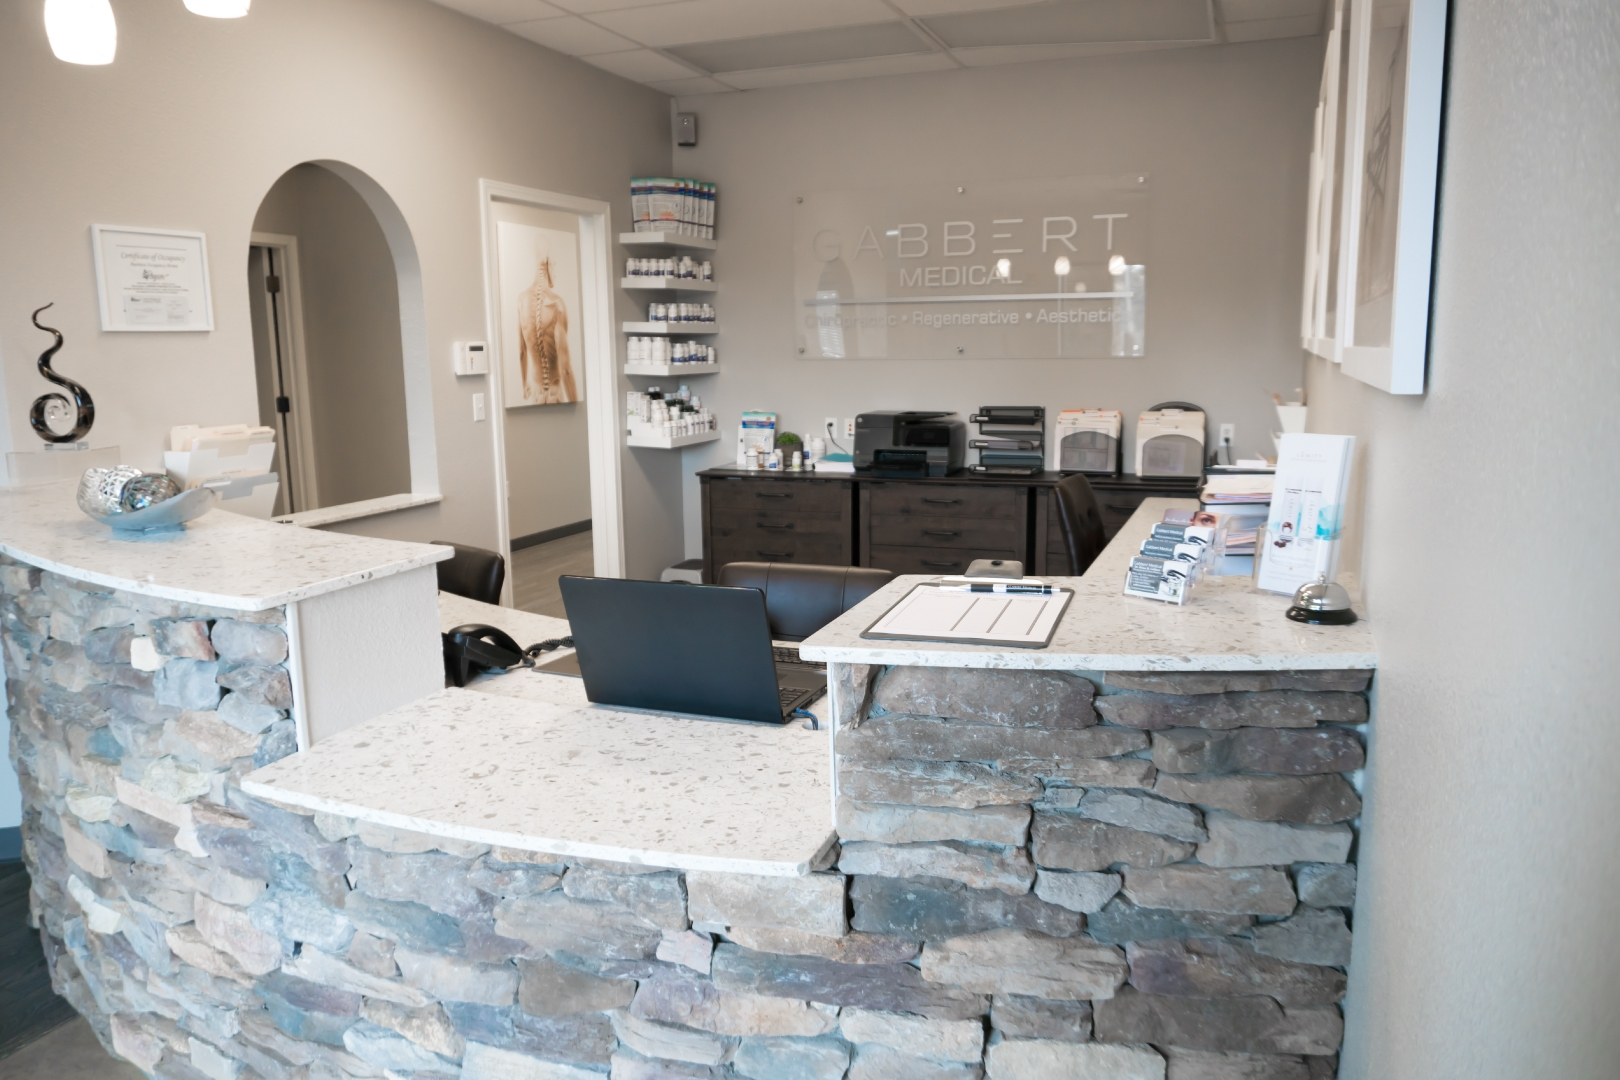 Gabbert Medical Office 03-01